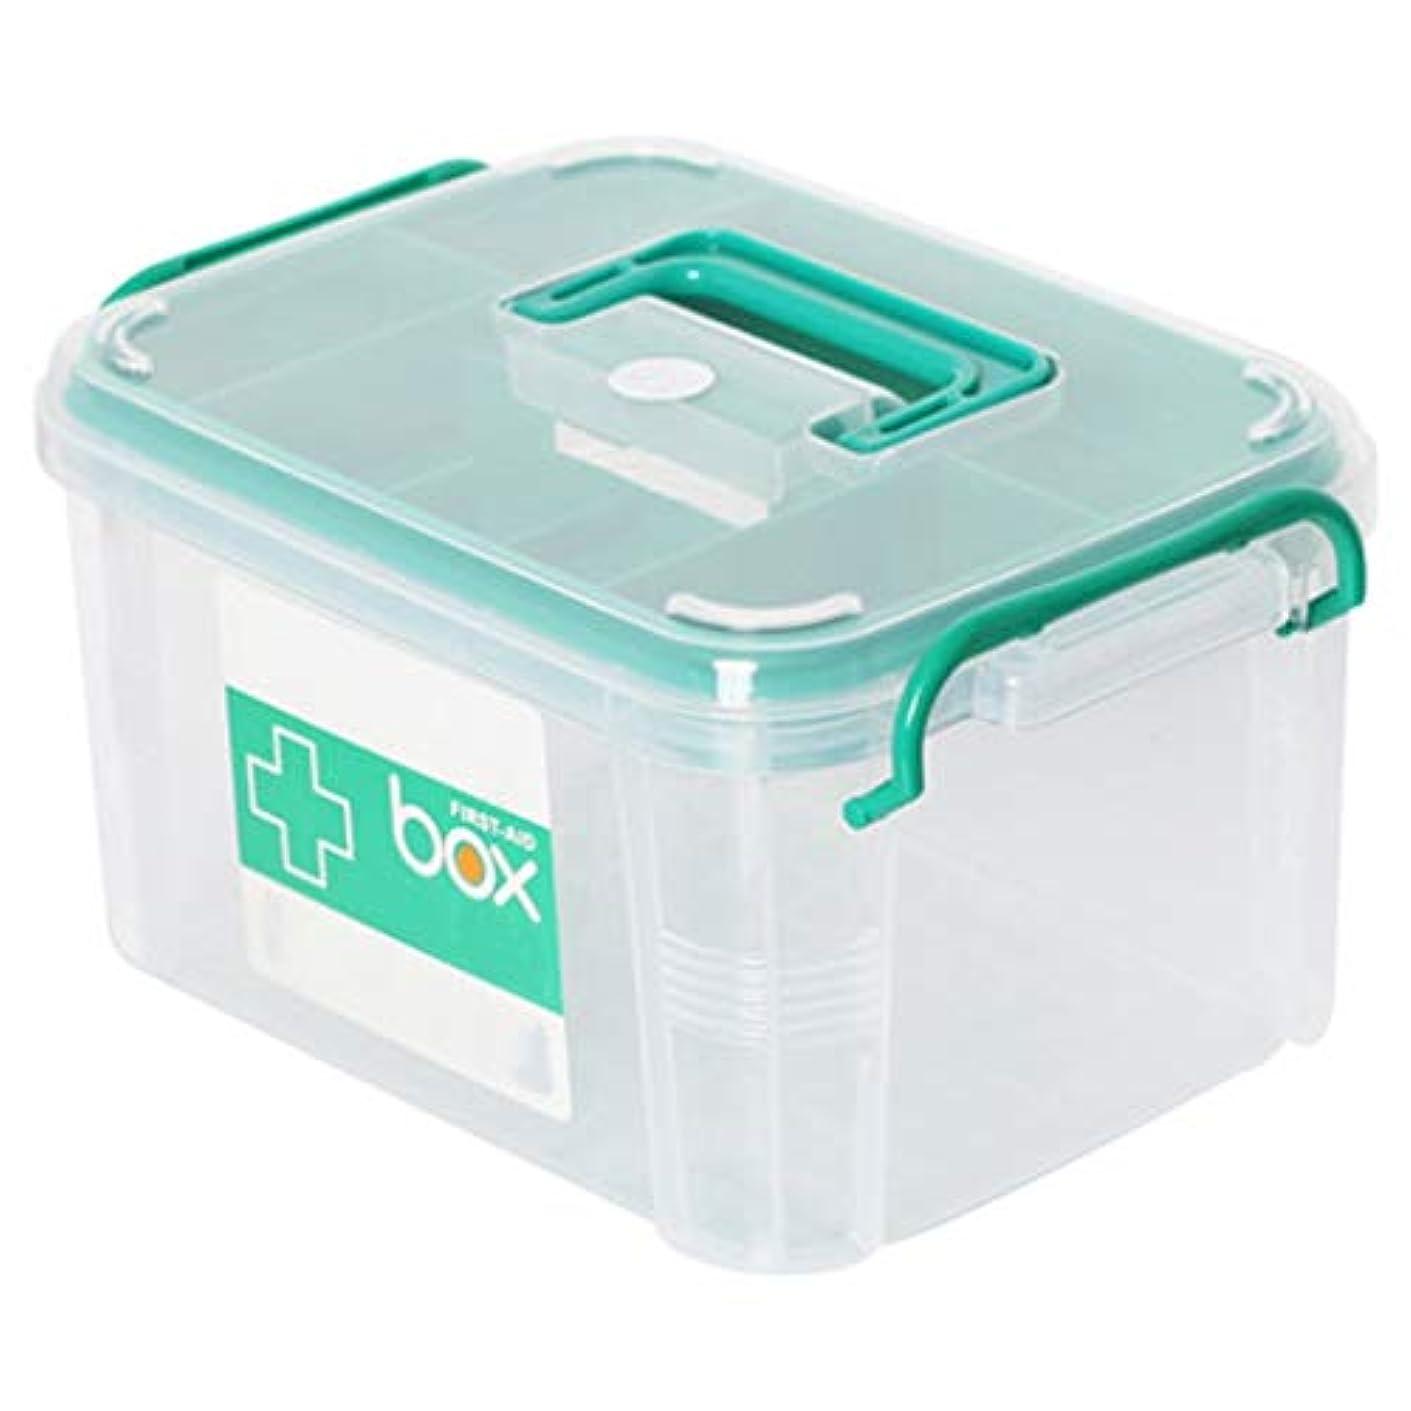 ボランティア保有者吐き出すLLSDD 家庭用薬品箱二重収納箱救急箱医療製品収納箱プラスチック救急箱 (Size : 26.5x18.5x14.5cm)